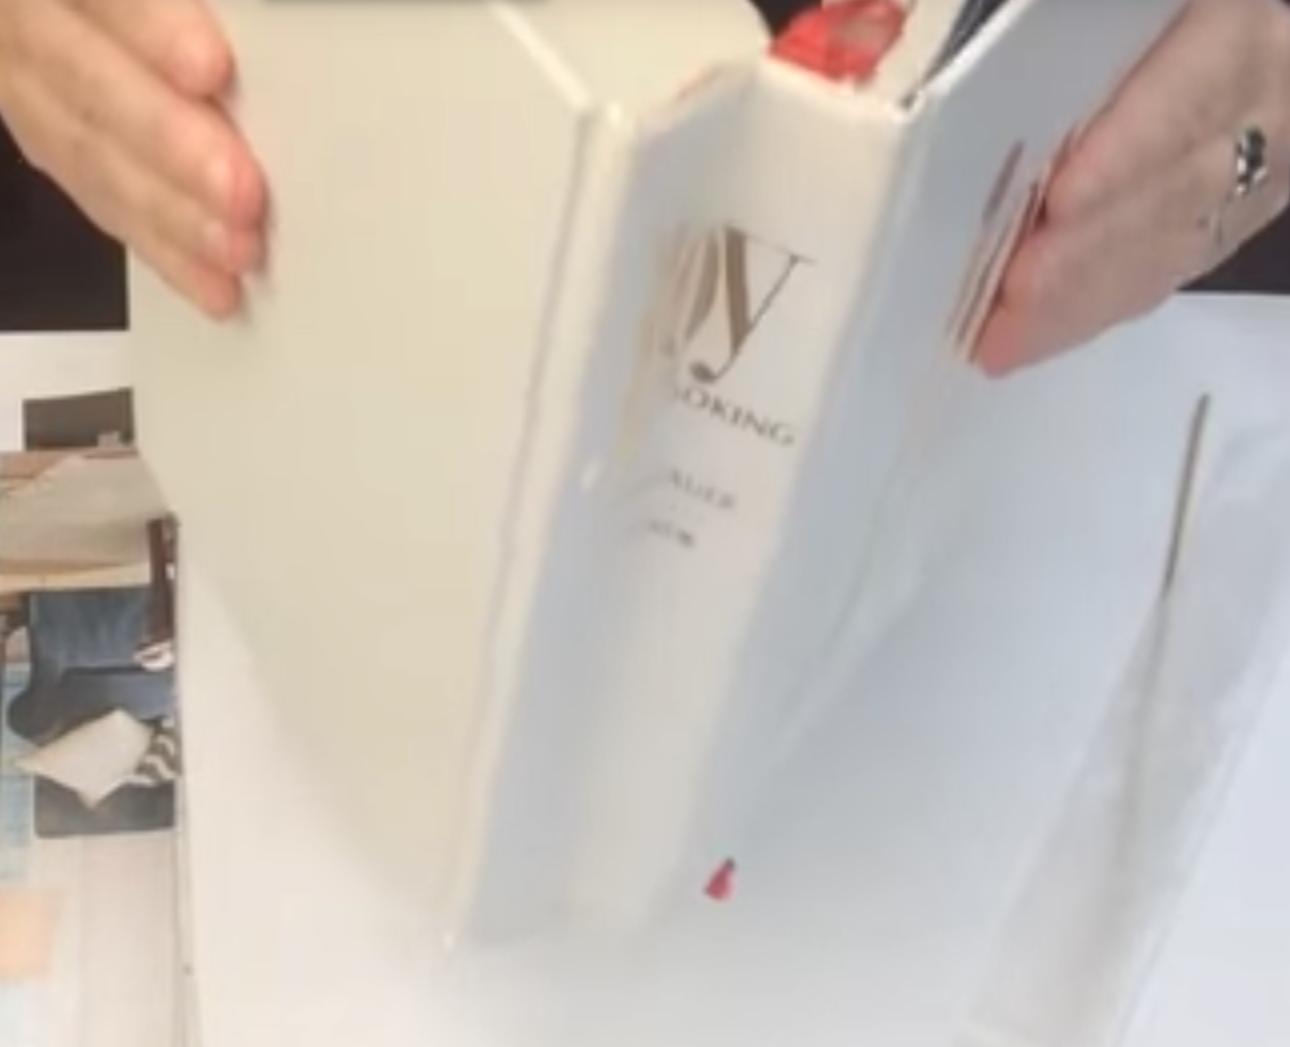 Improve a Crumpled Book Spine